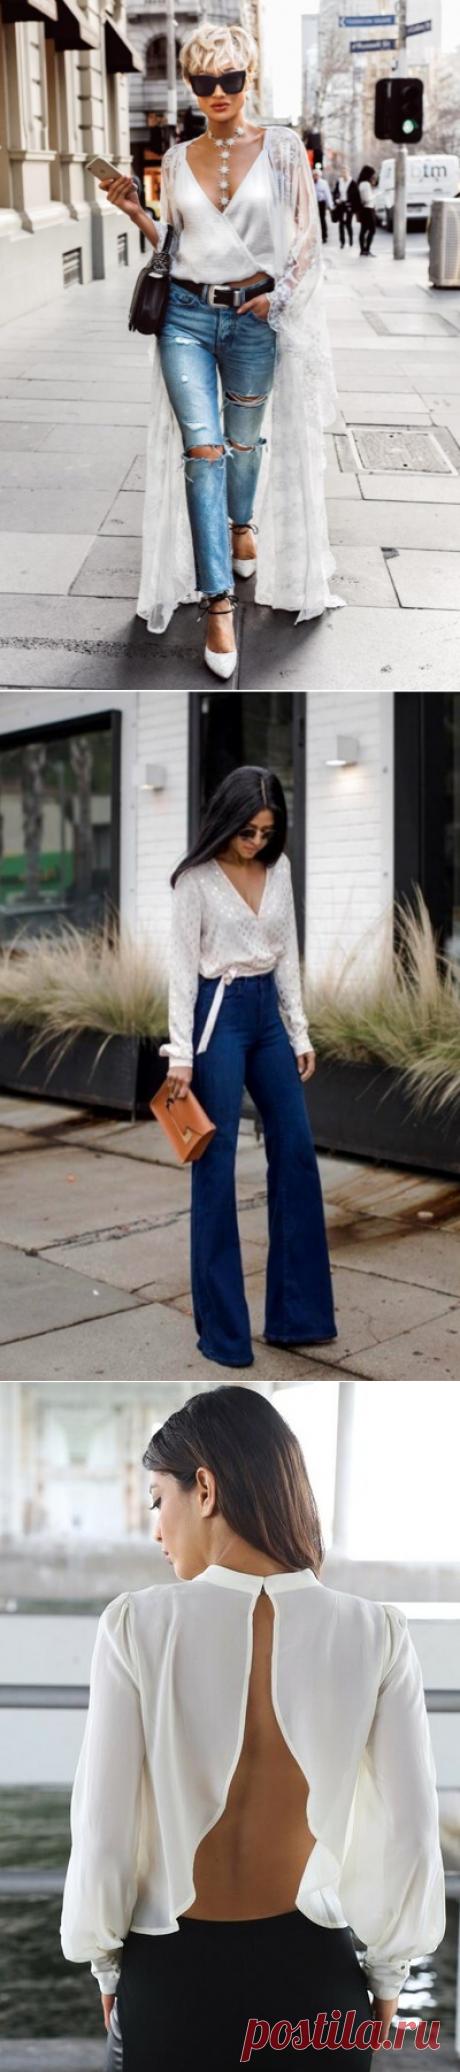 Незабываемо и интригующе - лучшие вечерние образы с джинсами | Ваш модный гуру | Яндекс Дзен